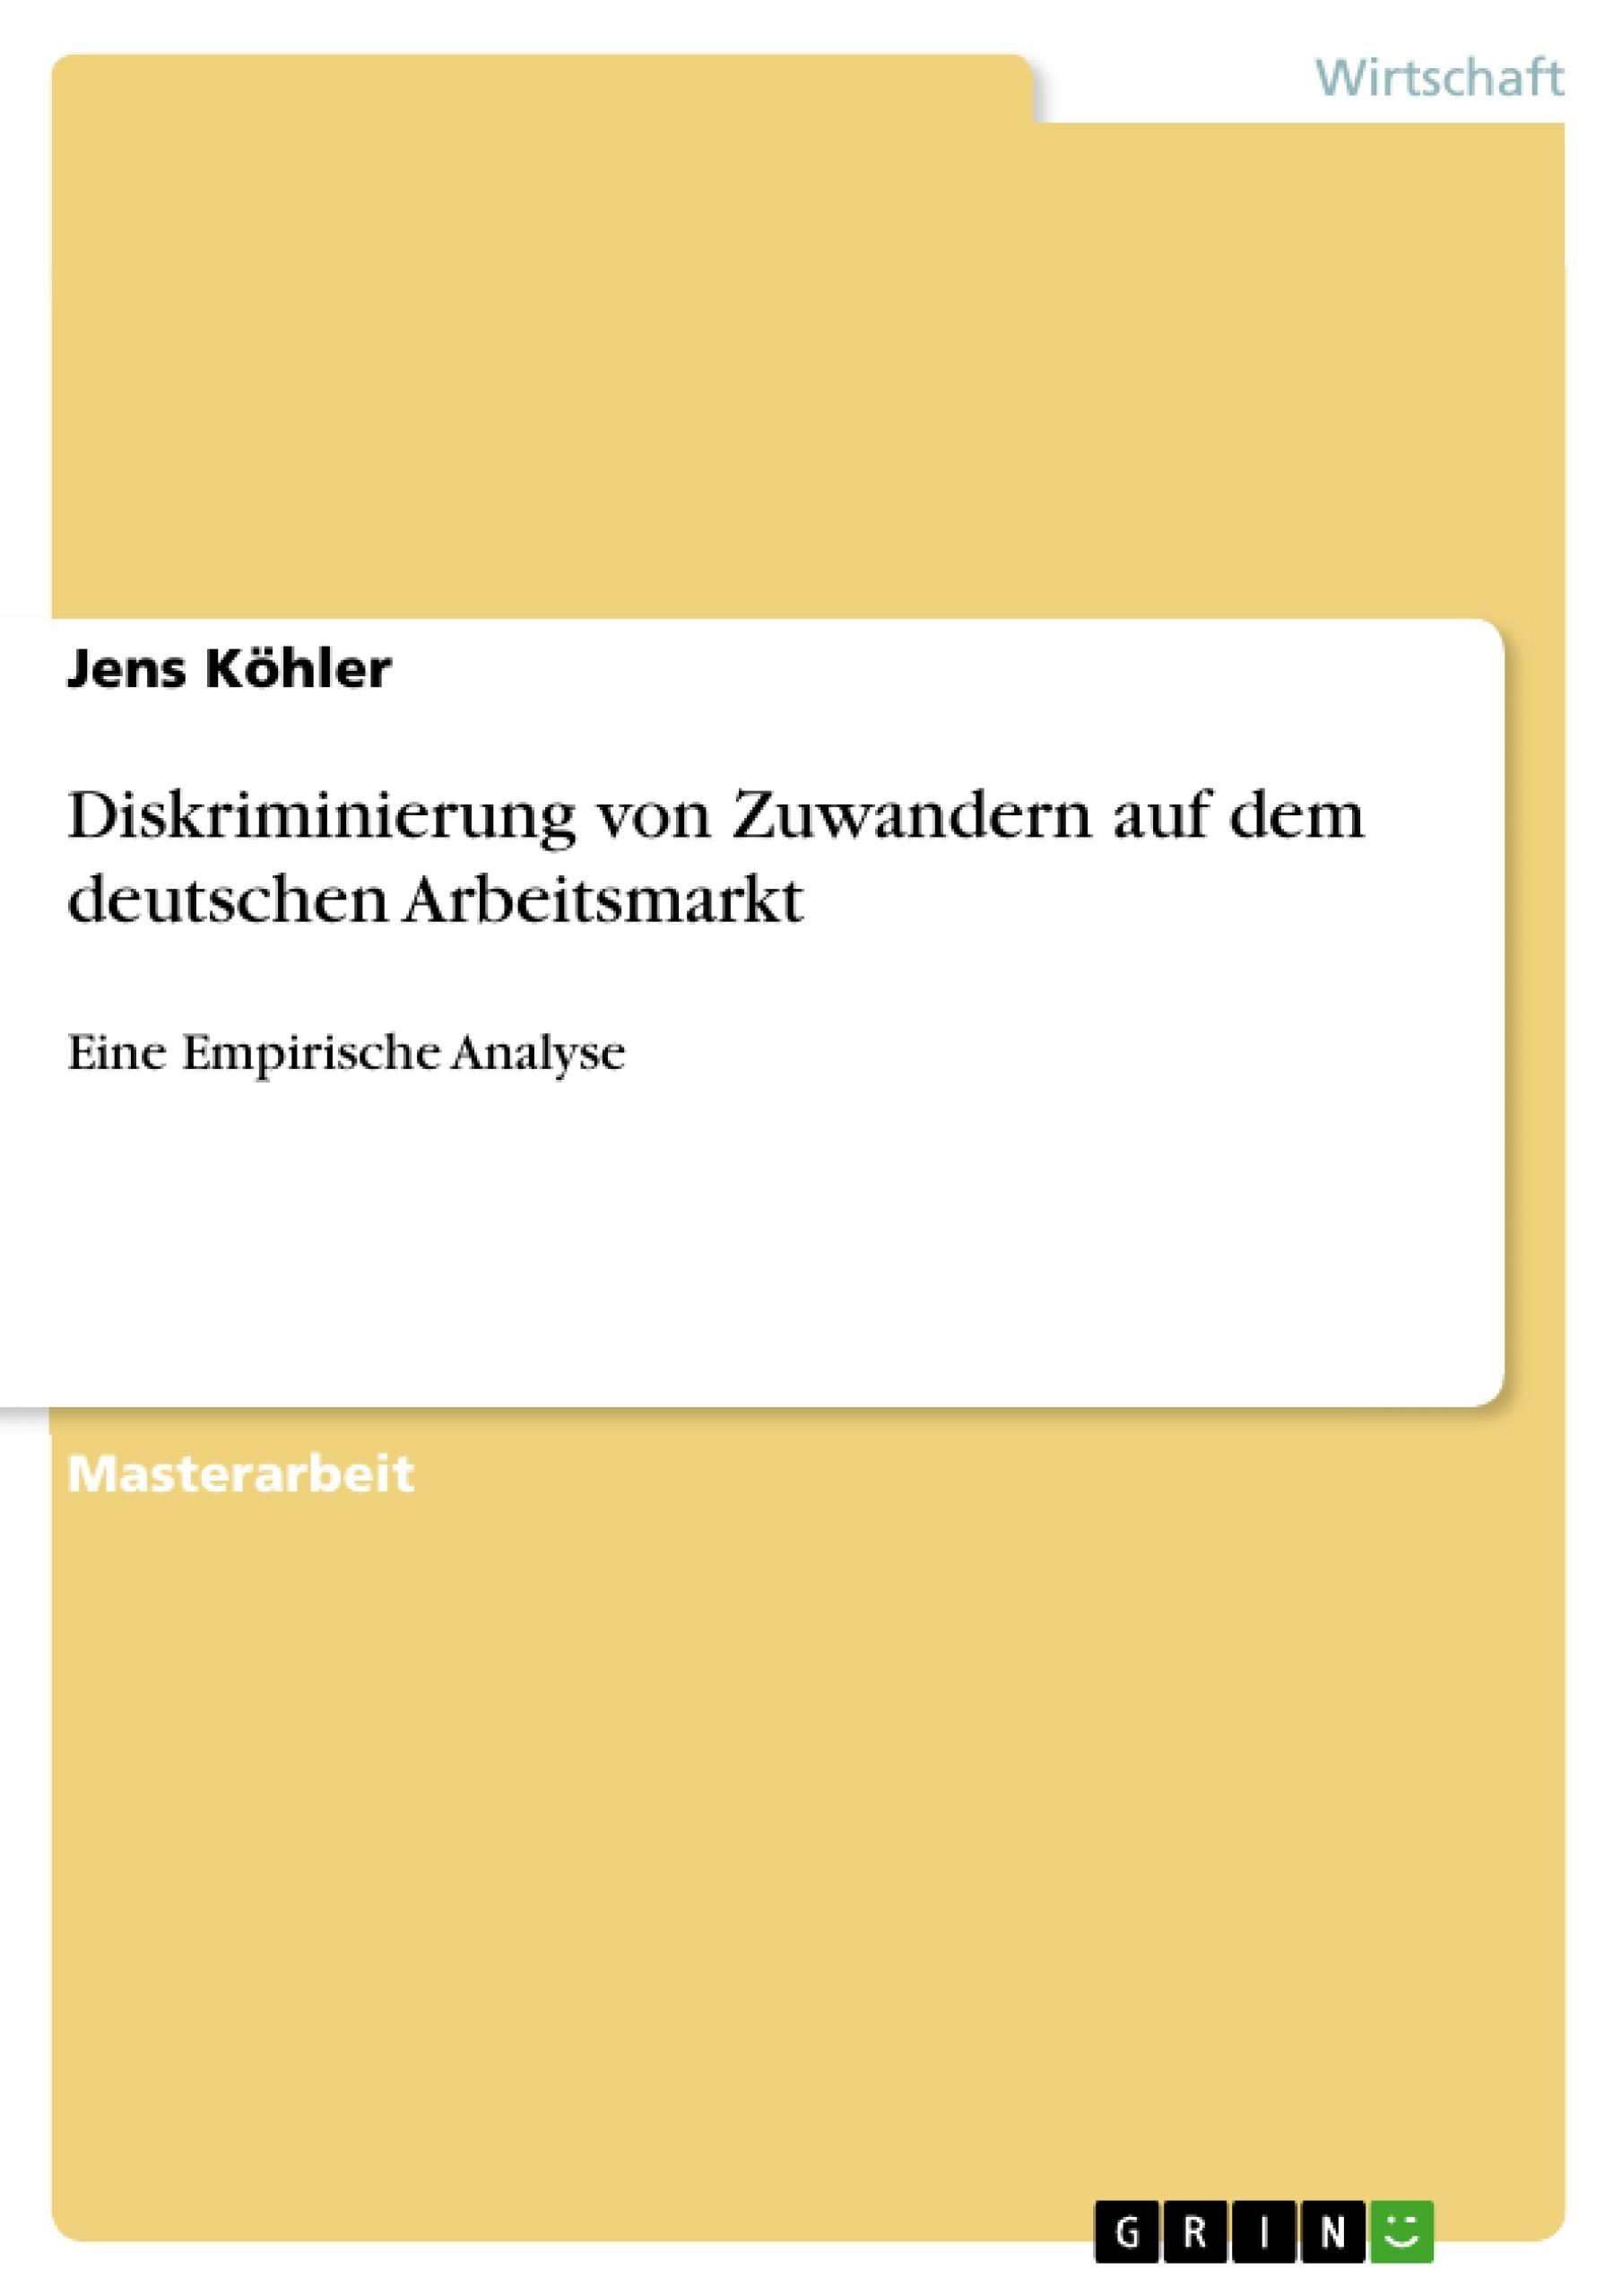 Titel: Diskriminierung von Zuwandern auf dem deutschen Arbeitsmarkt